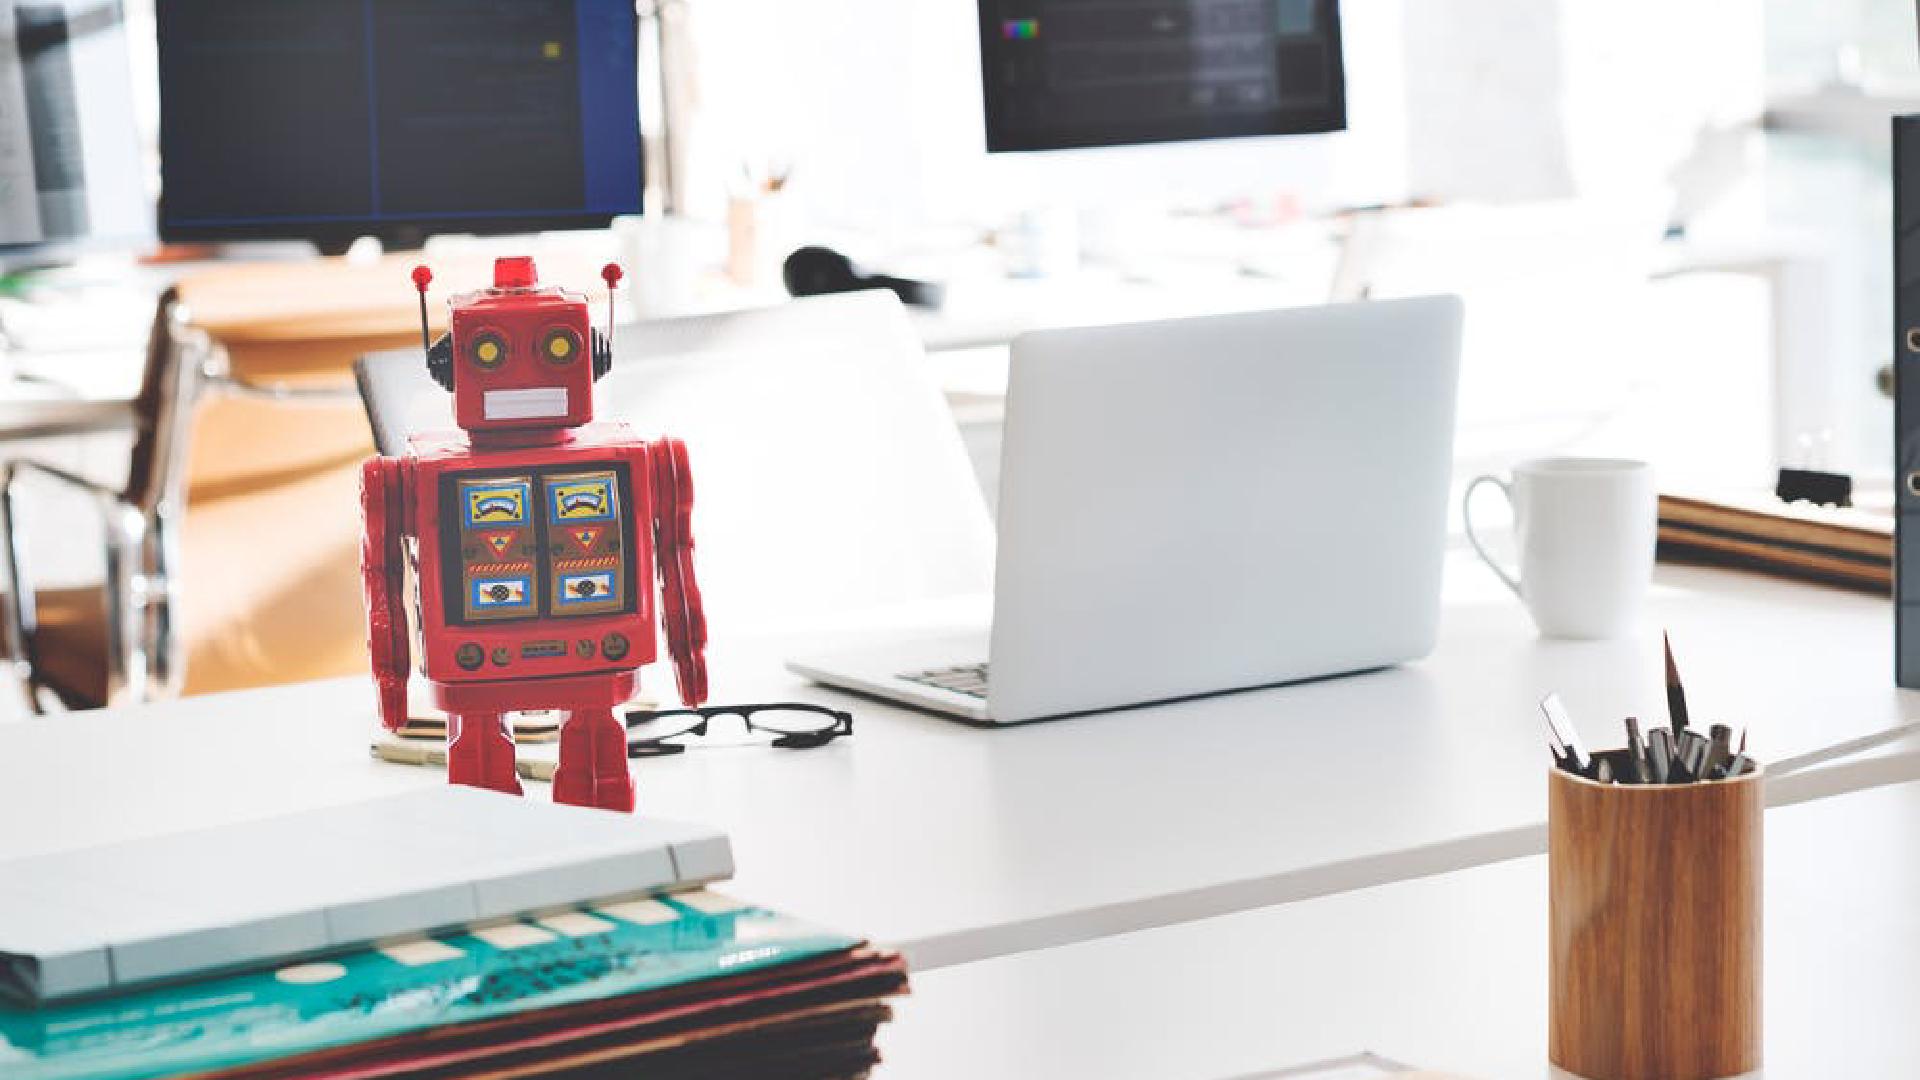 全台首家醫療院所導入NLP智能服務機器人,大幅提升醫療服務品質!